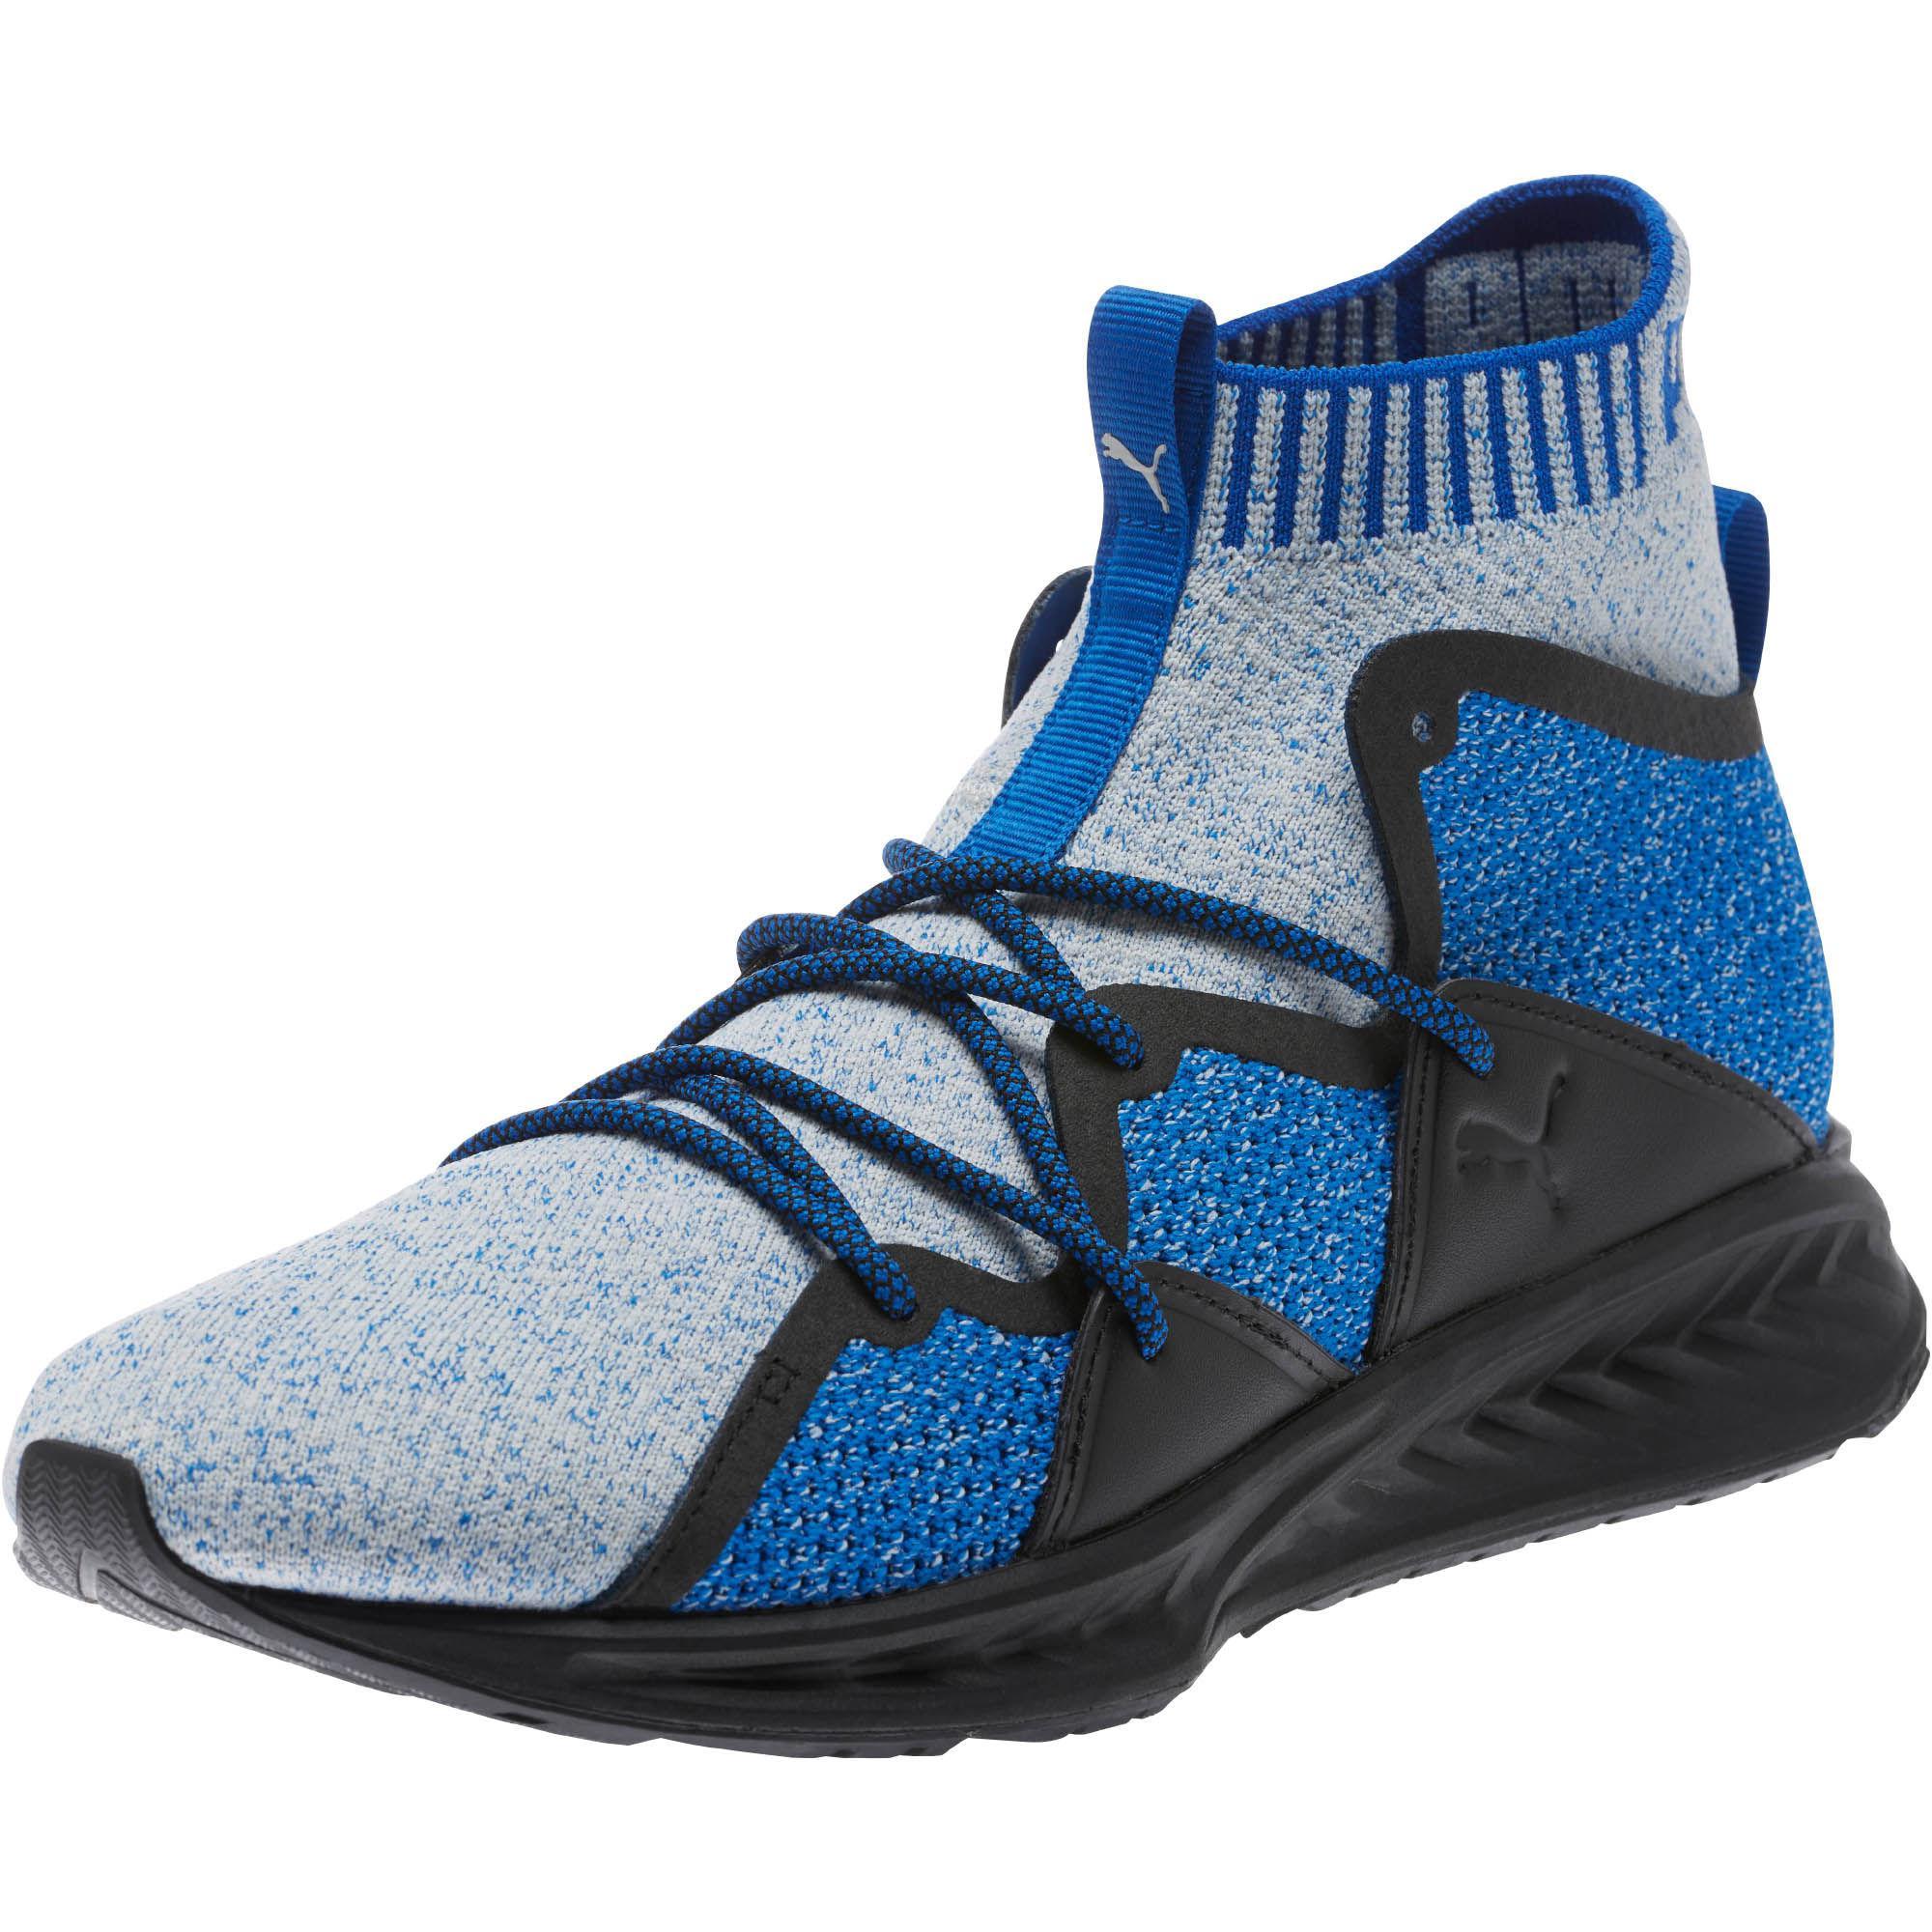 brand new 60e23 313a8 Men's Blue Ignite Wave Evoknit Training Shoes